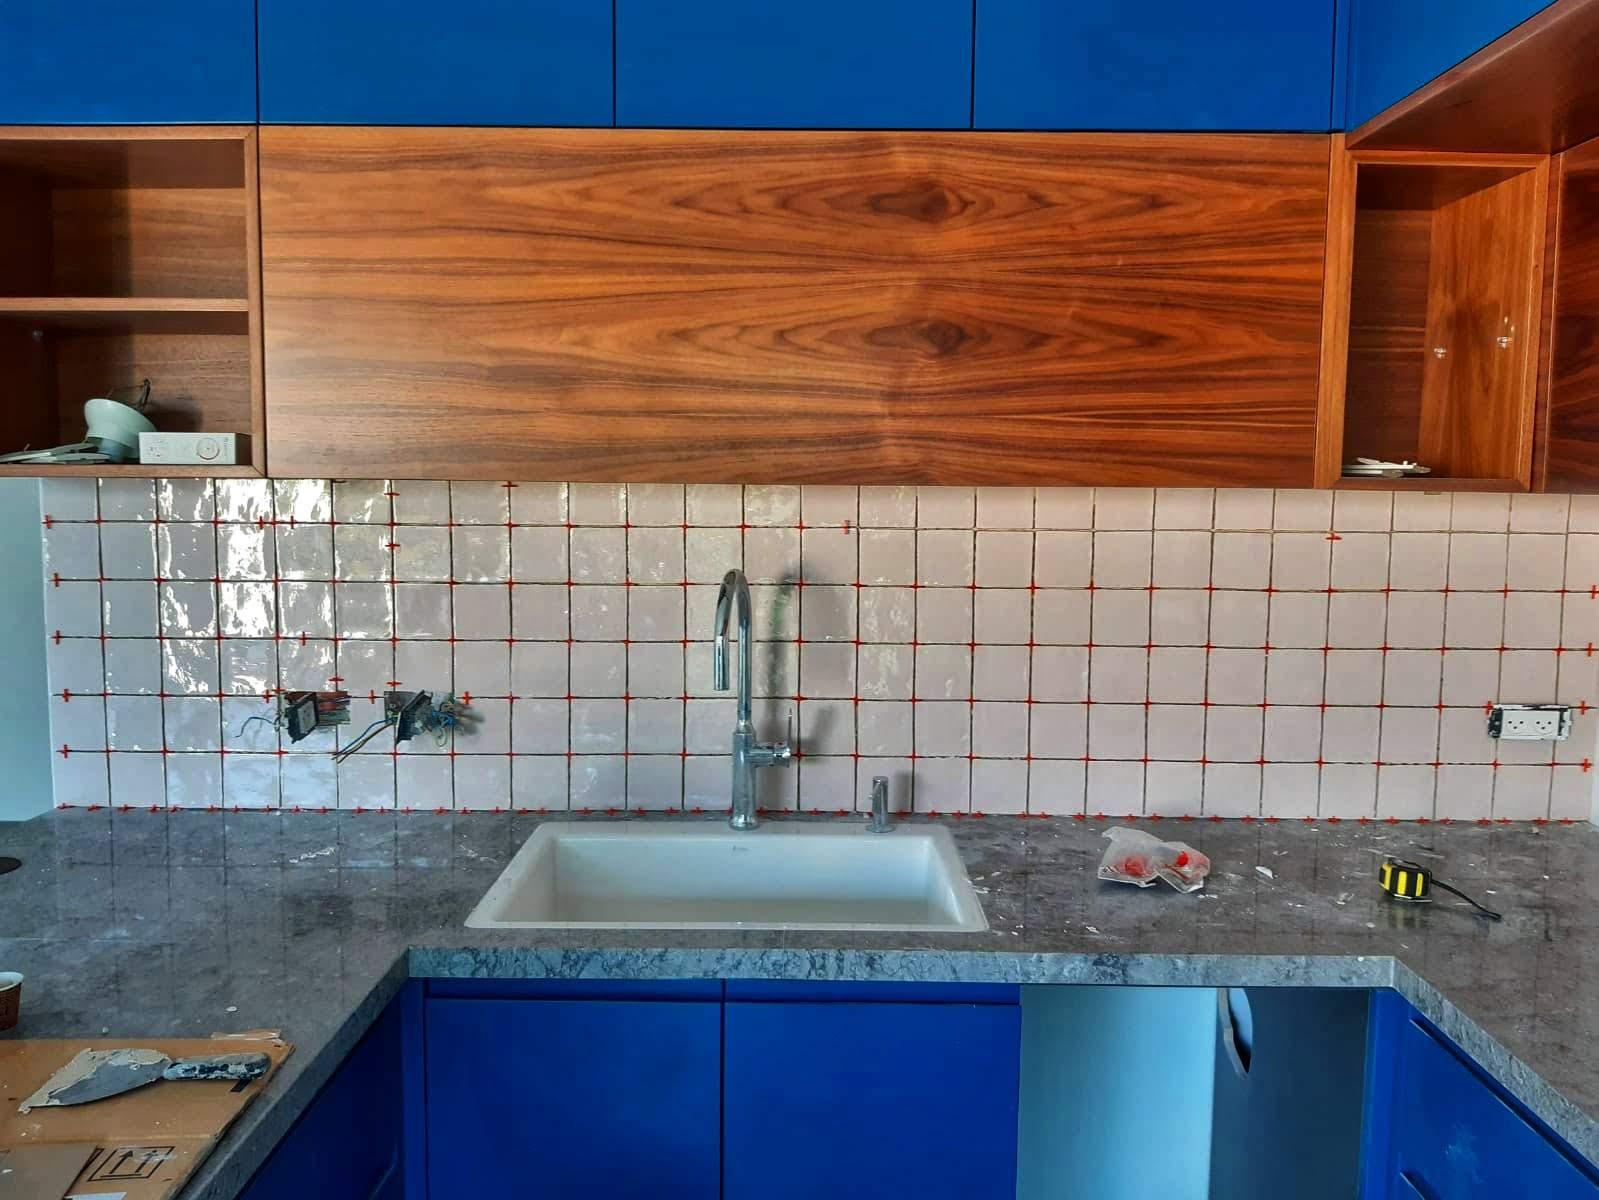 עיצוב מטבח בתהליך שיפוץ דירה קומפלט | מרב שדה - תכנון ועיצוב פנים